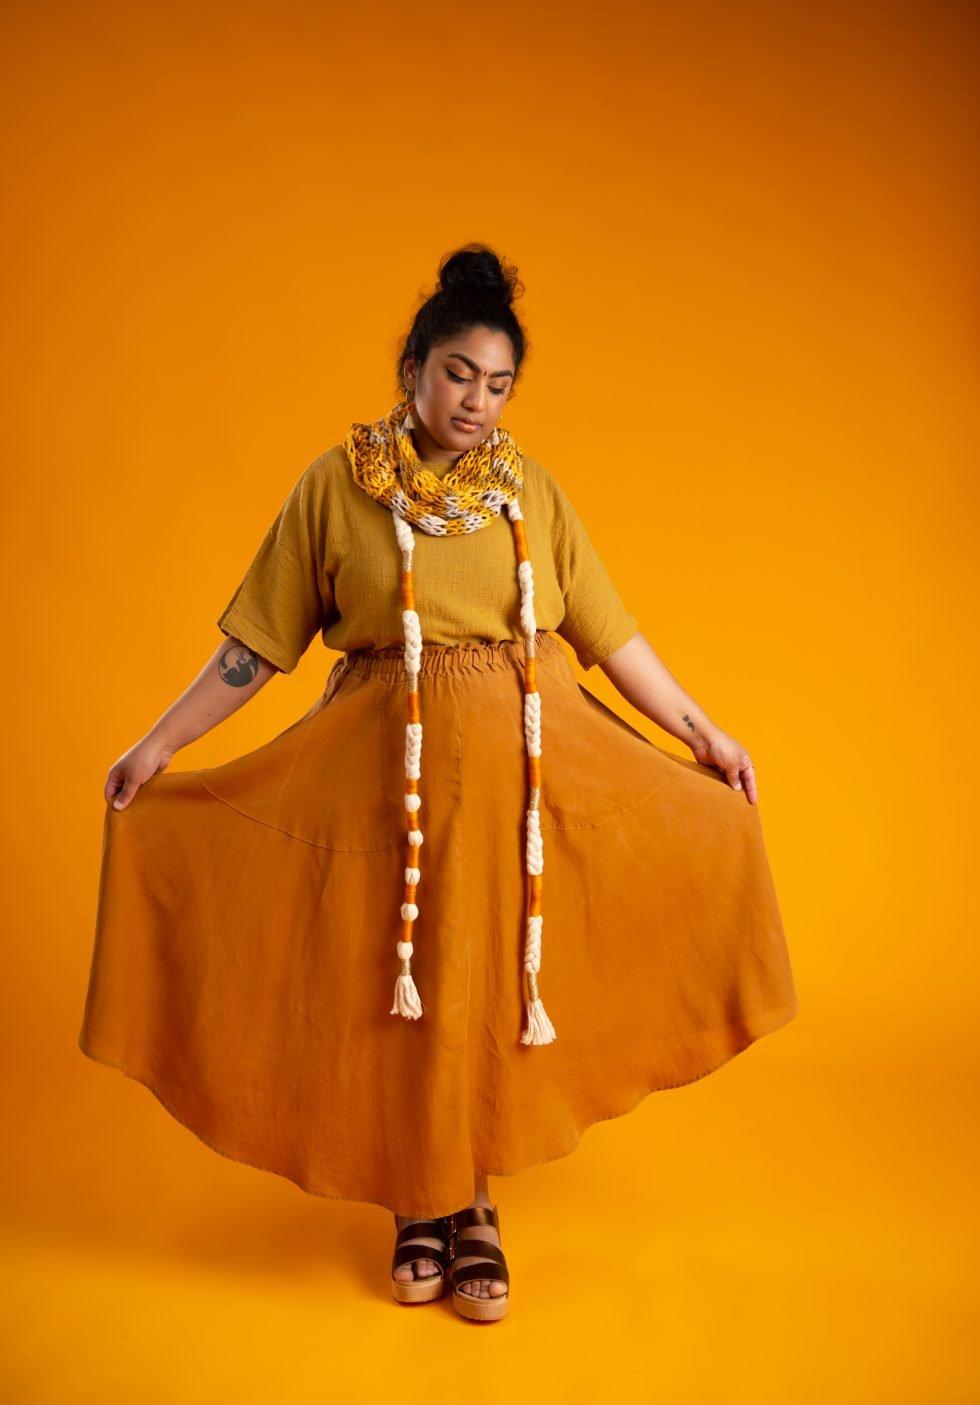 Chloe-Jackman-Photography-Sustainble-Clothing-shoot-2021-2212